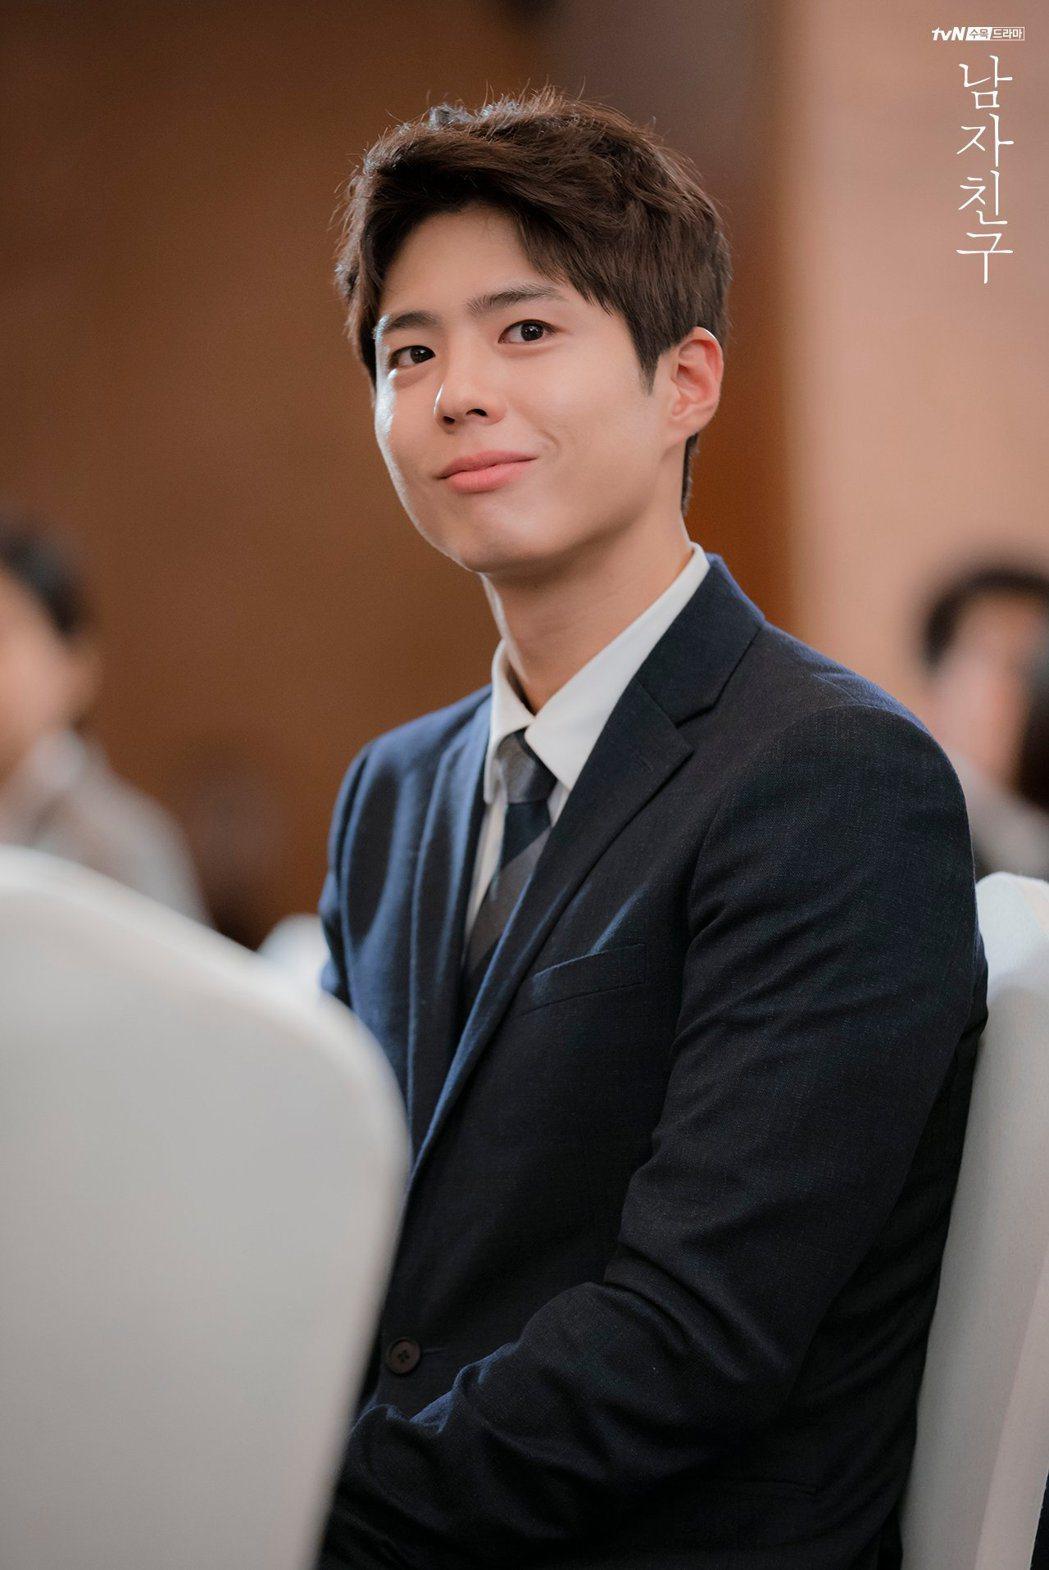 朴寶劍正在演出新劇「男朋友」。圖/摘自tvN